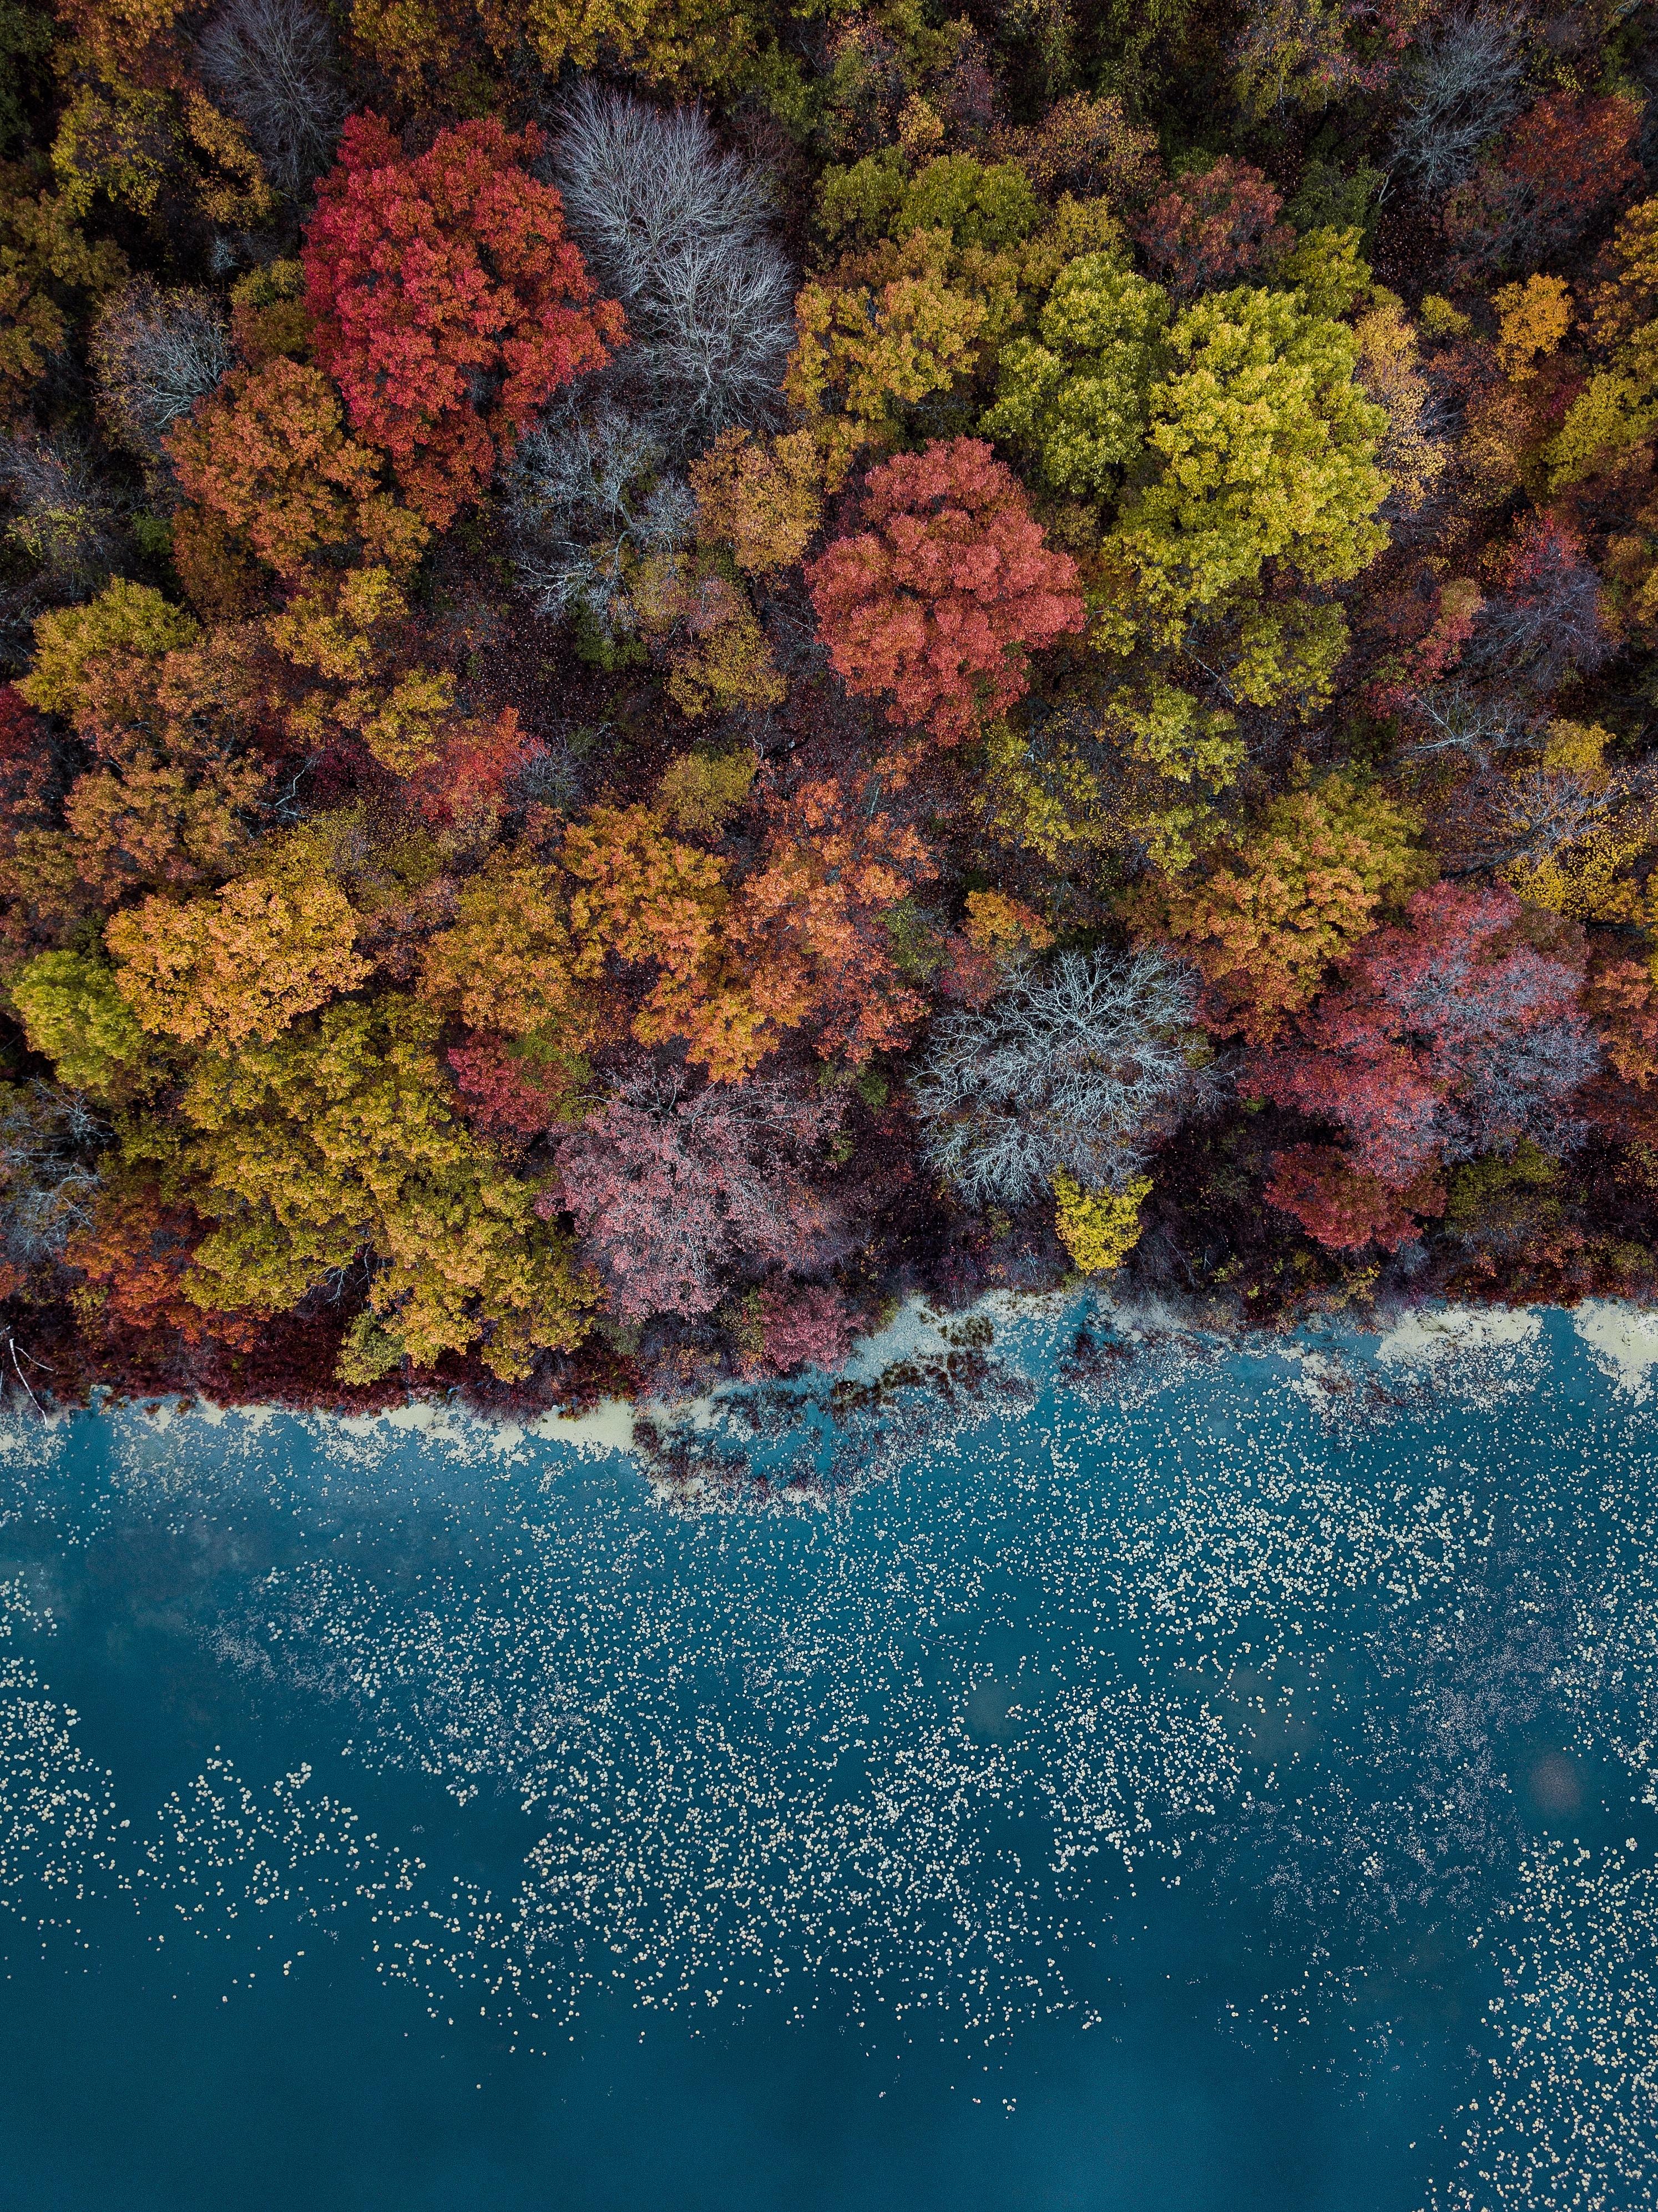 151879 завантажити шпалери Природа, Озеро, Дерева, Вид Зверху, Осінь, Барви Осені, Осінні Фарби - заставки і картинки безкоштовно